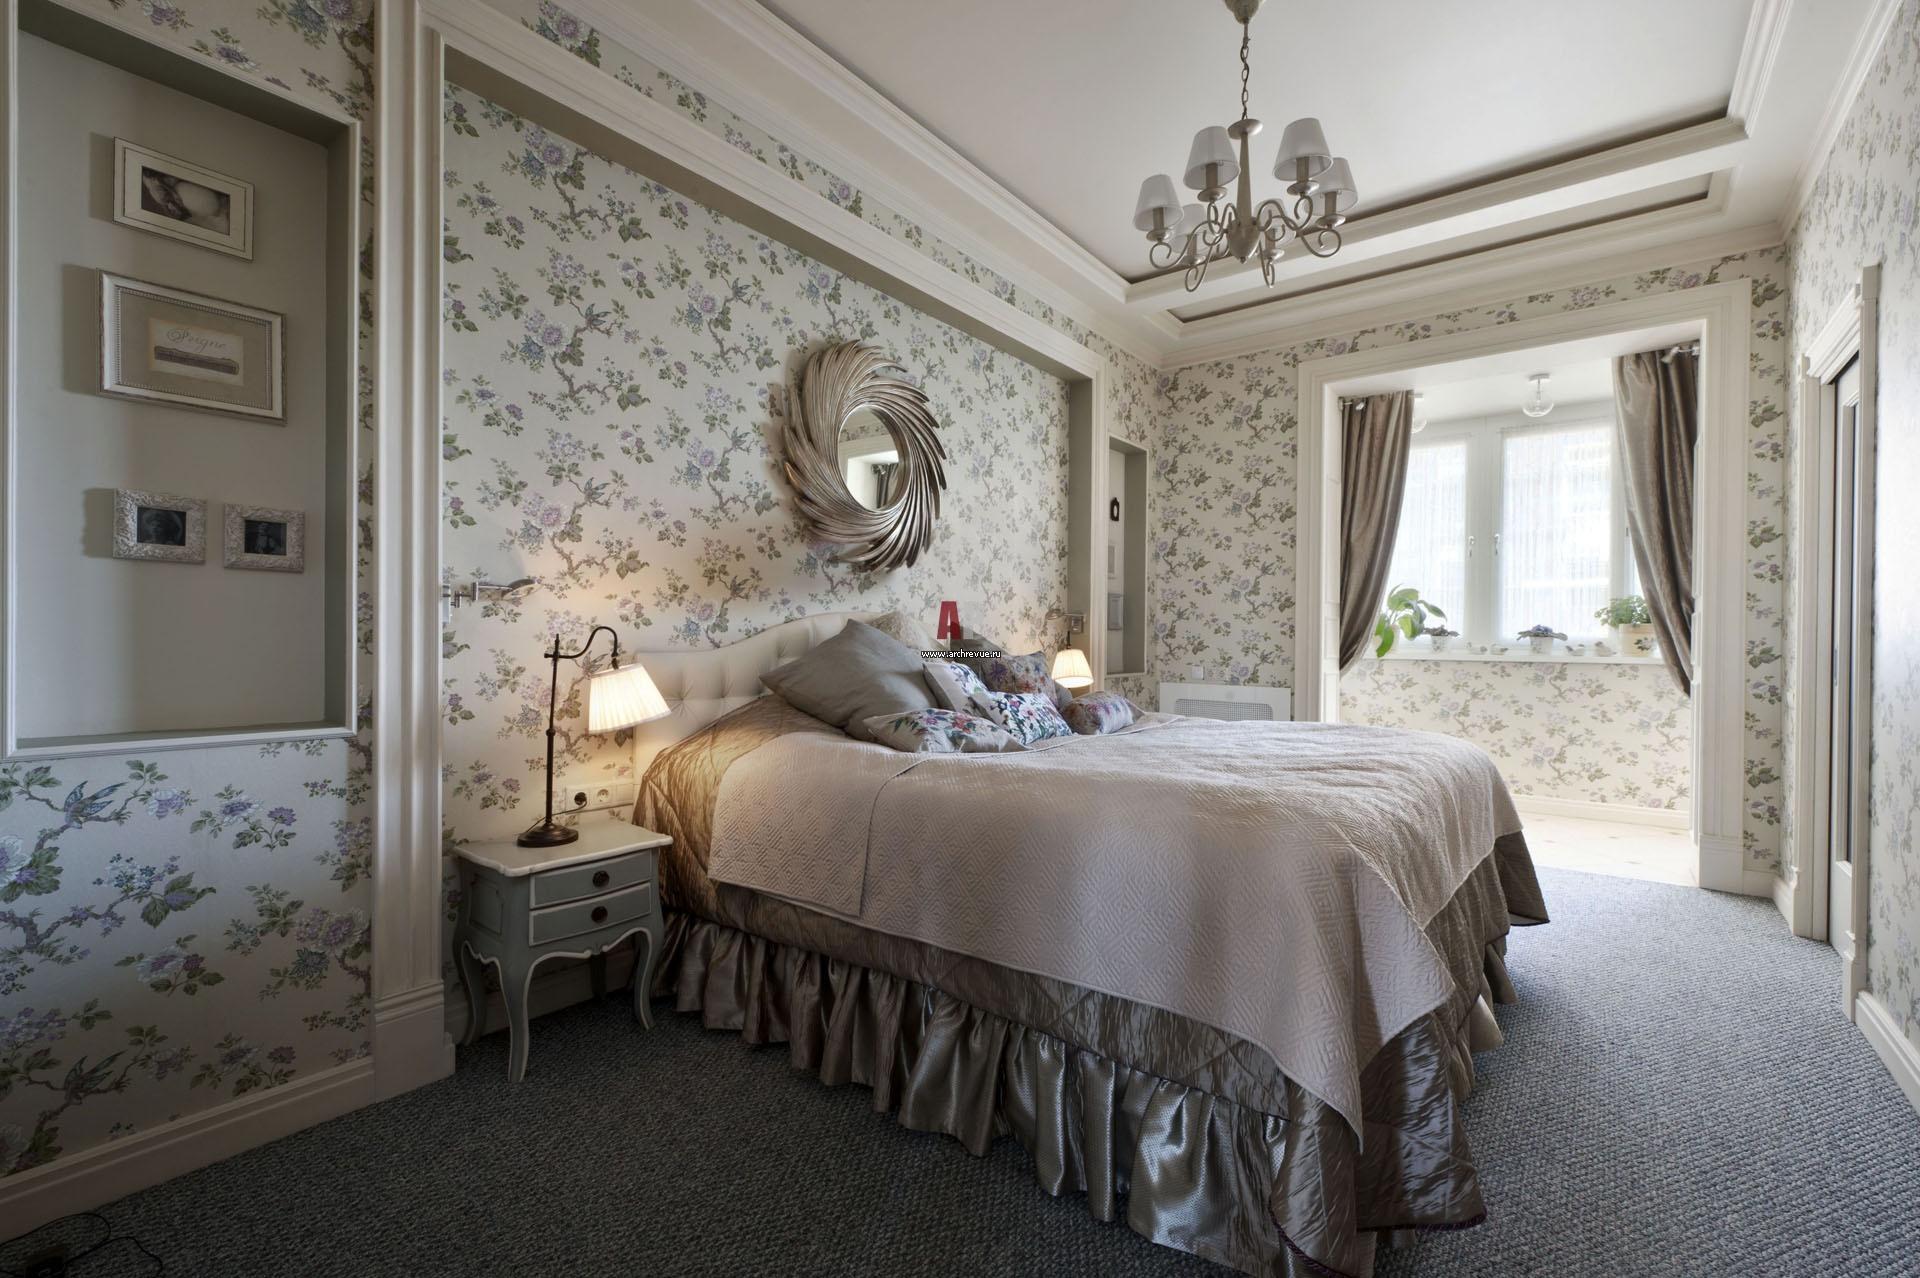 Стиль прованс в интерьере спальни фото своими руками